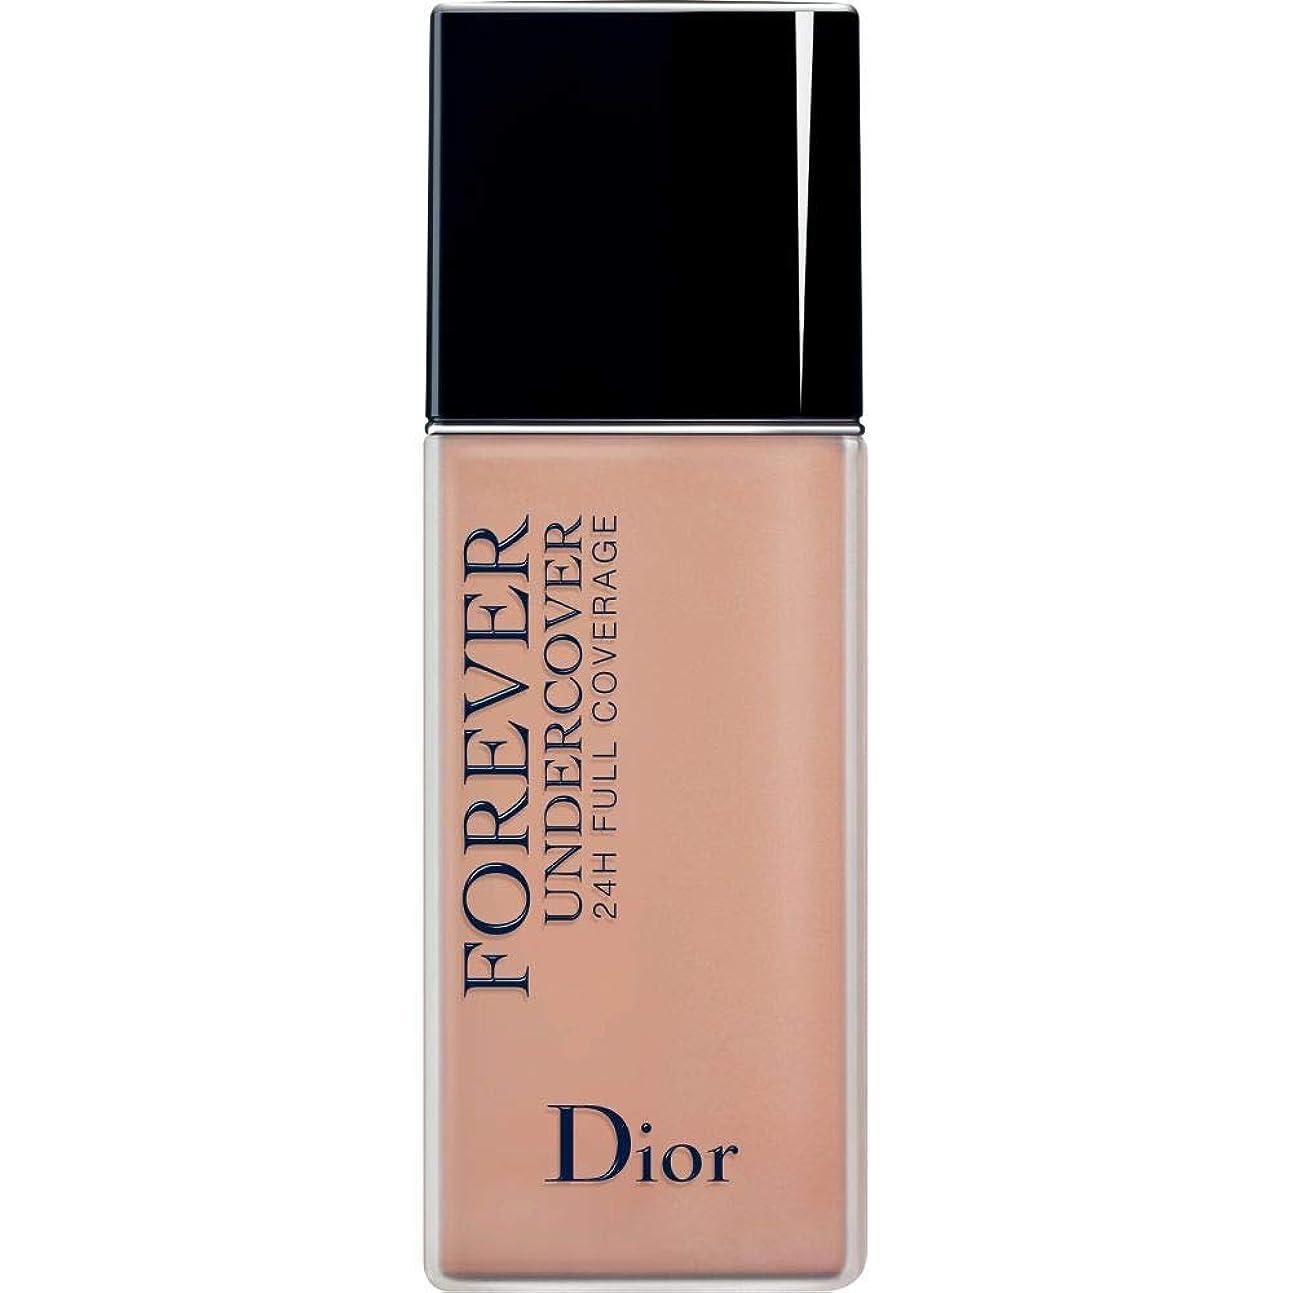 鉱夫受け継ぐ排他的[Dior ] ディオールディオールスキン永遠アンダーカバーフルカバーの基礎40ミリリットル034 - アーモンドベージュ - DIOR Diorskin Forever Undercover Full Coverage Foundation 40ml 034 - Almond Beige [並行輸入品]